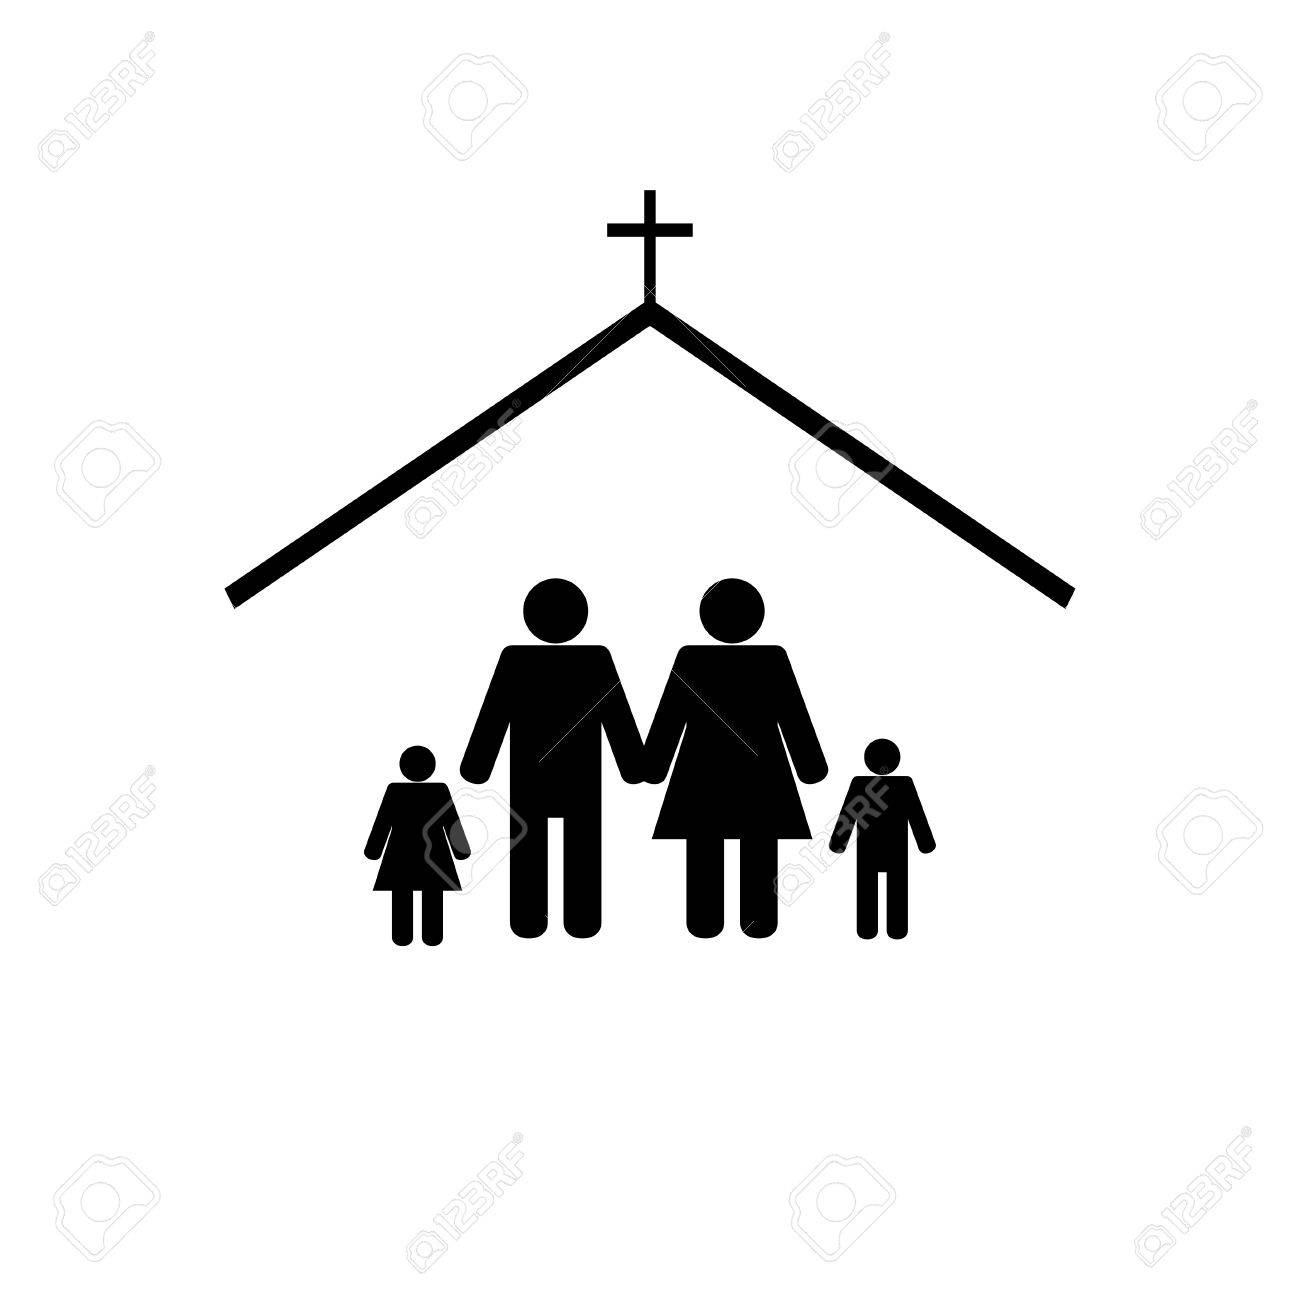 church icon - 54799169